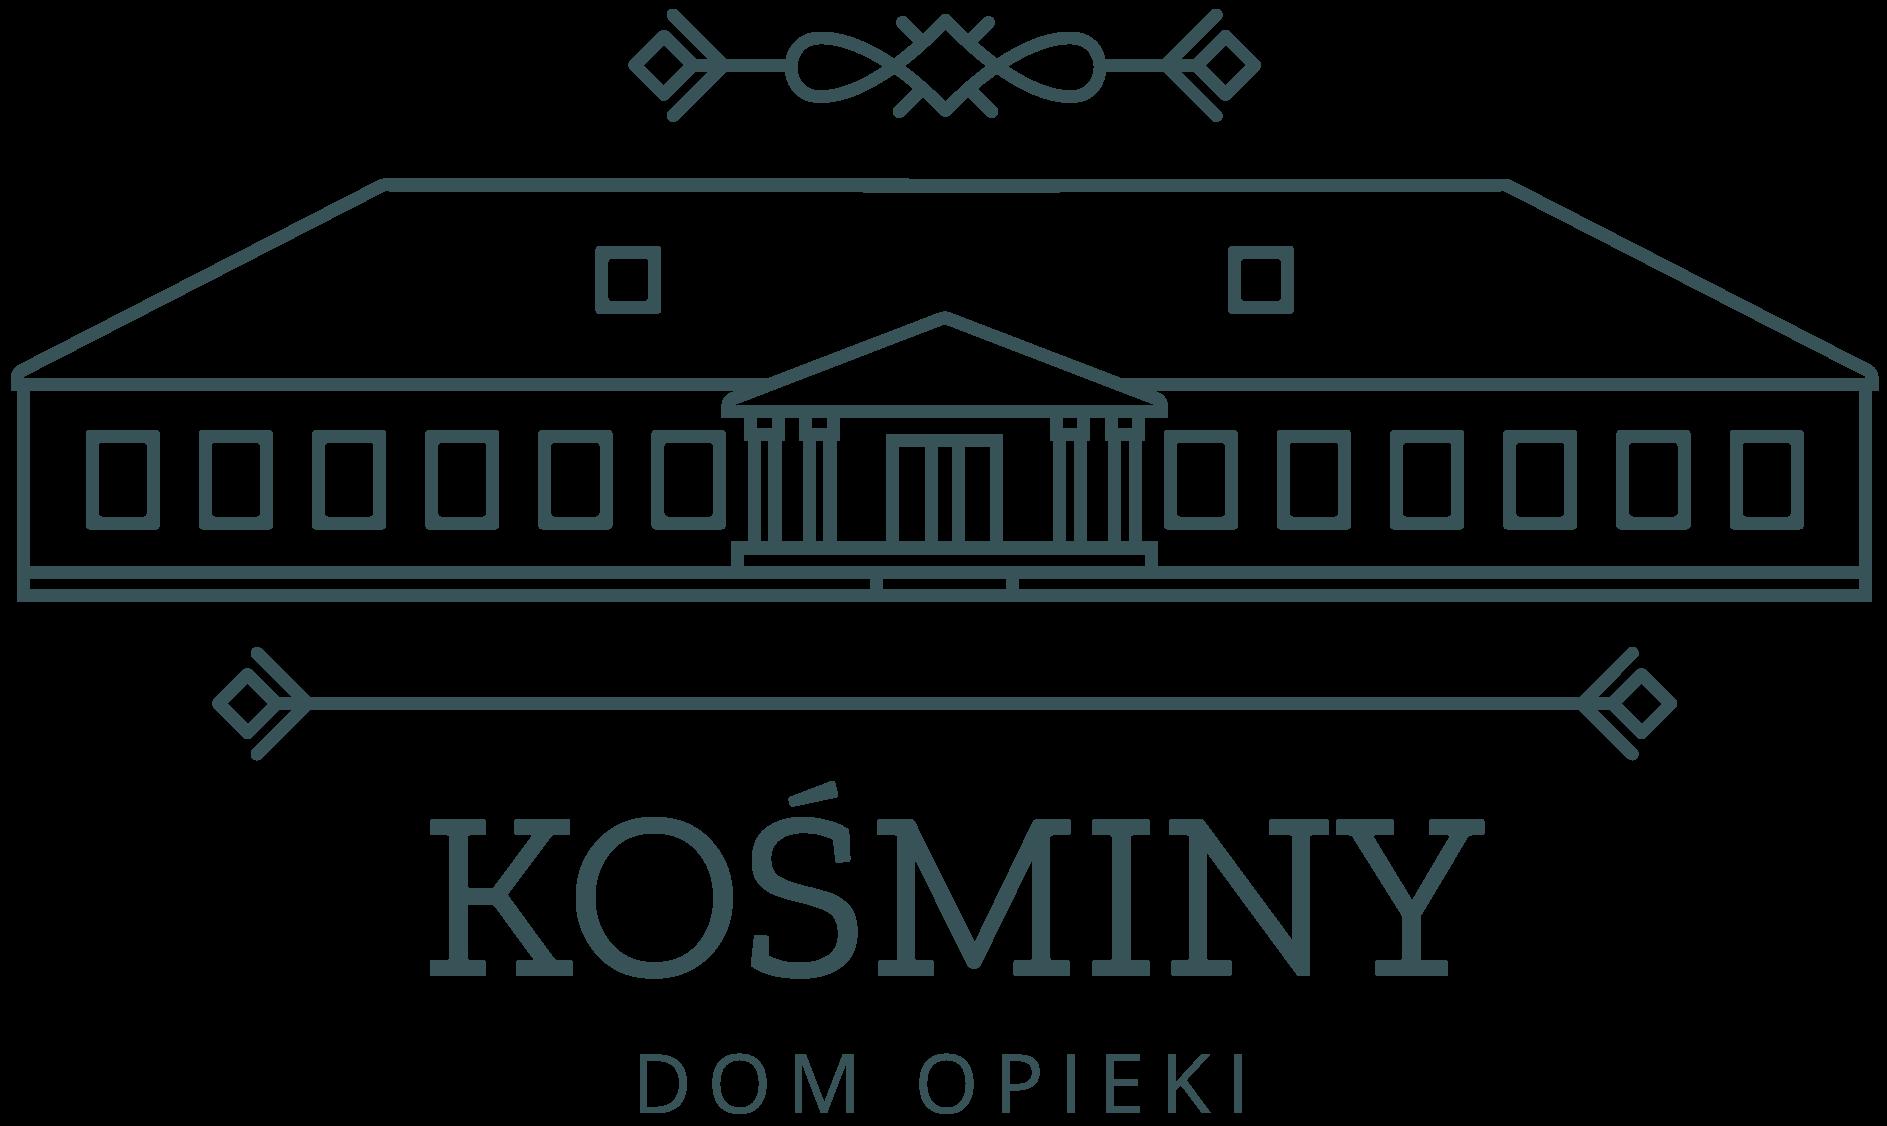 Dom Opieki Kośminy